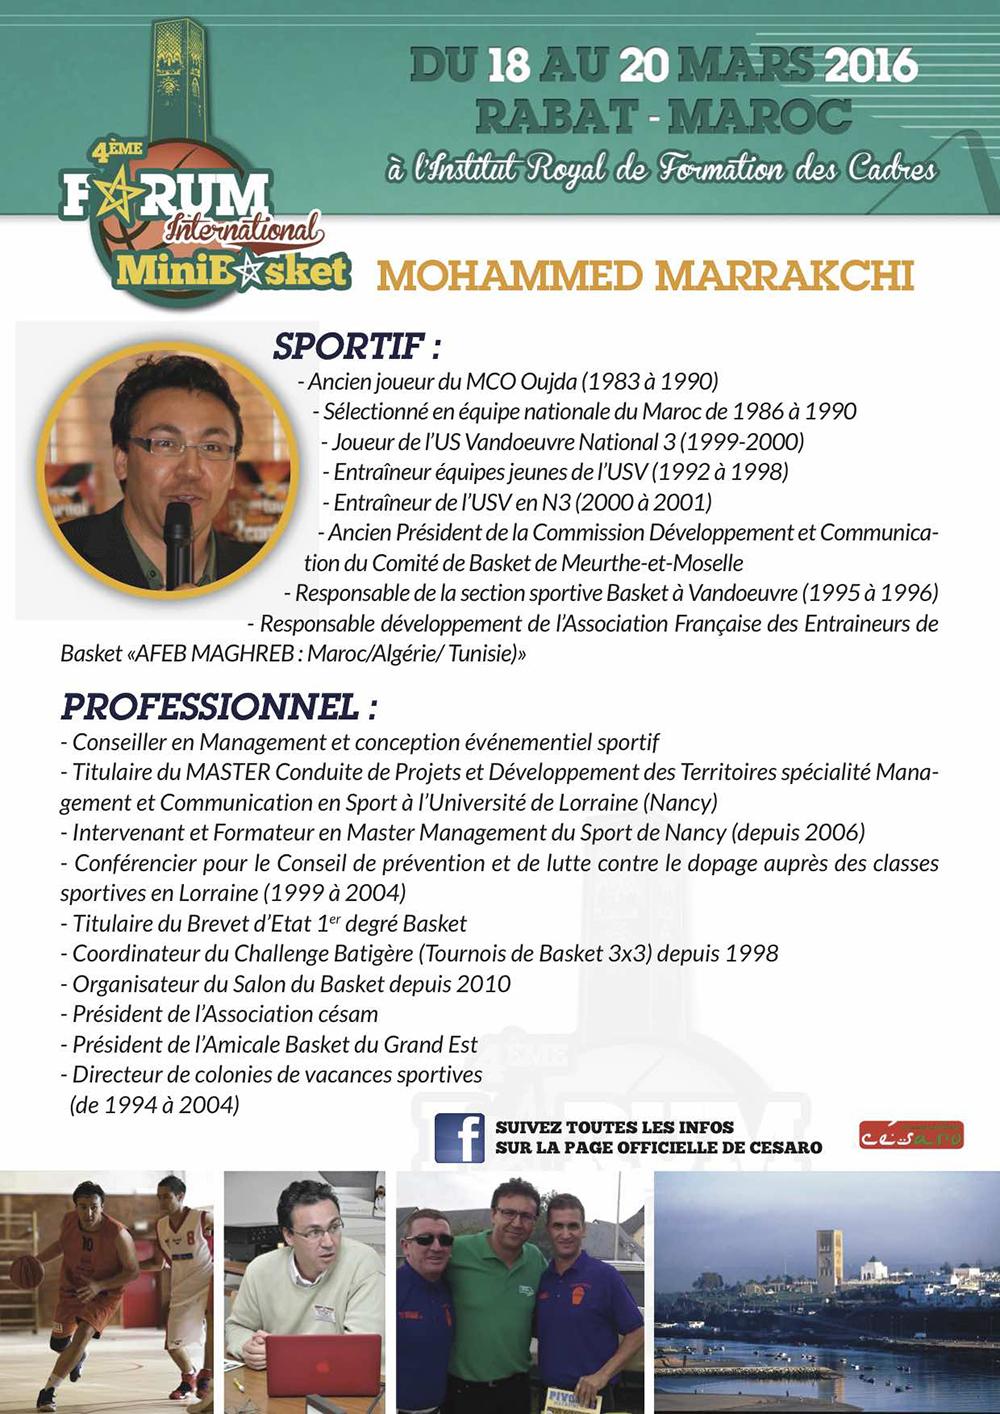 8-CV MOHAMMED